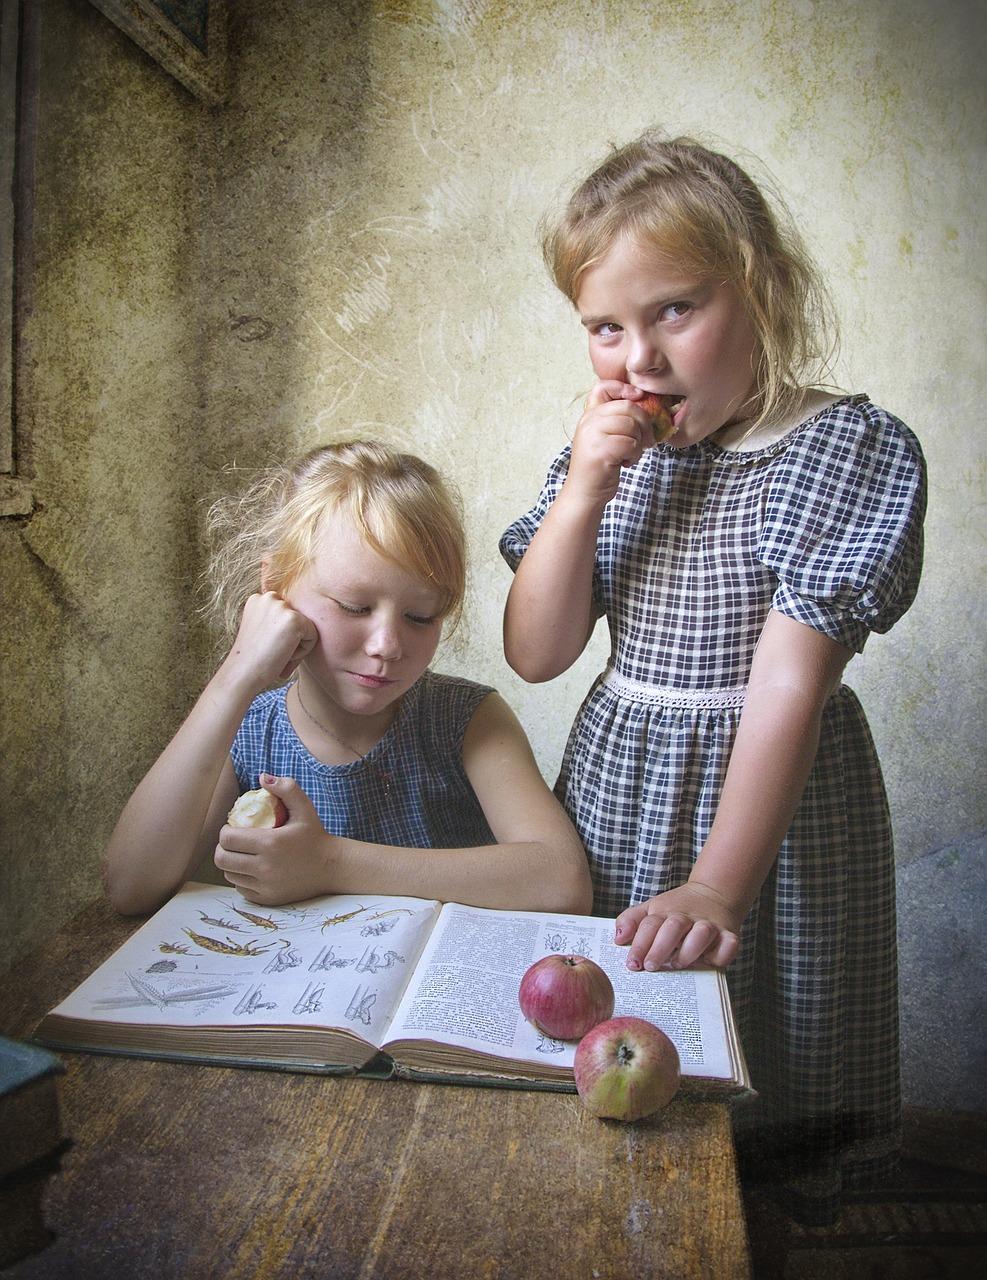 Kinder sollten ebenfalls eine bessere Haltung lernen!